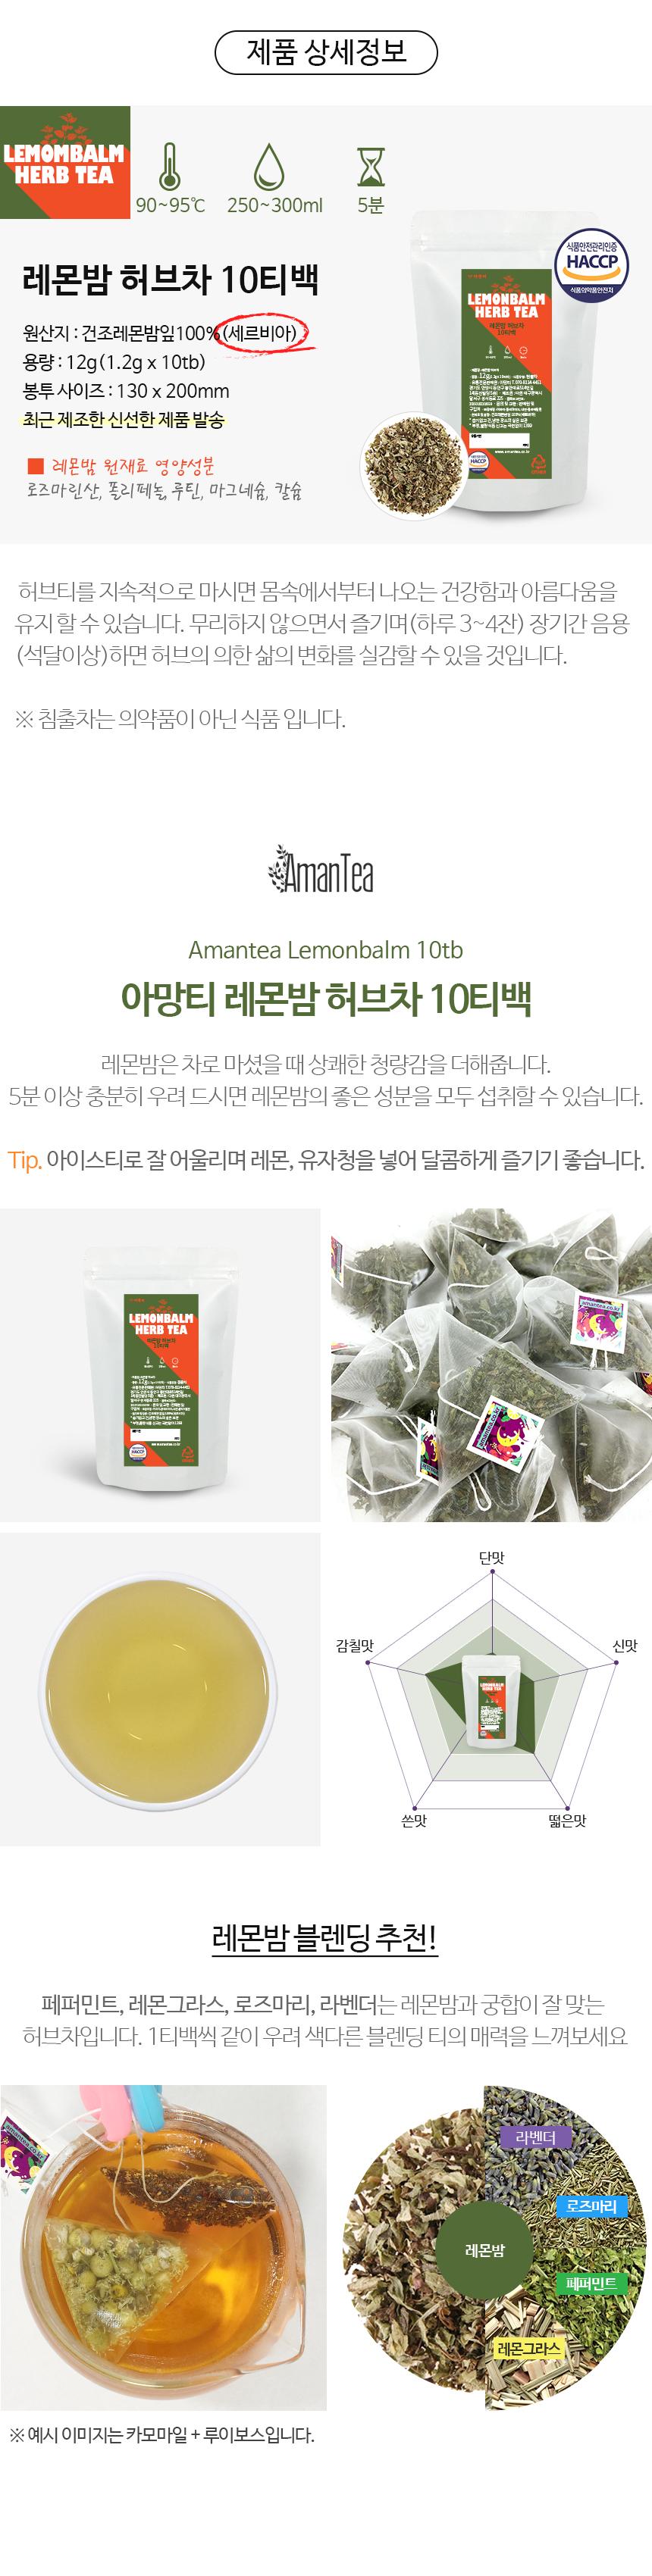 아망티 레몬밤 허브차 10티백 - 아망티, 4,000원, 차, 허브차/녹차/마테차